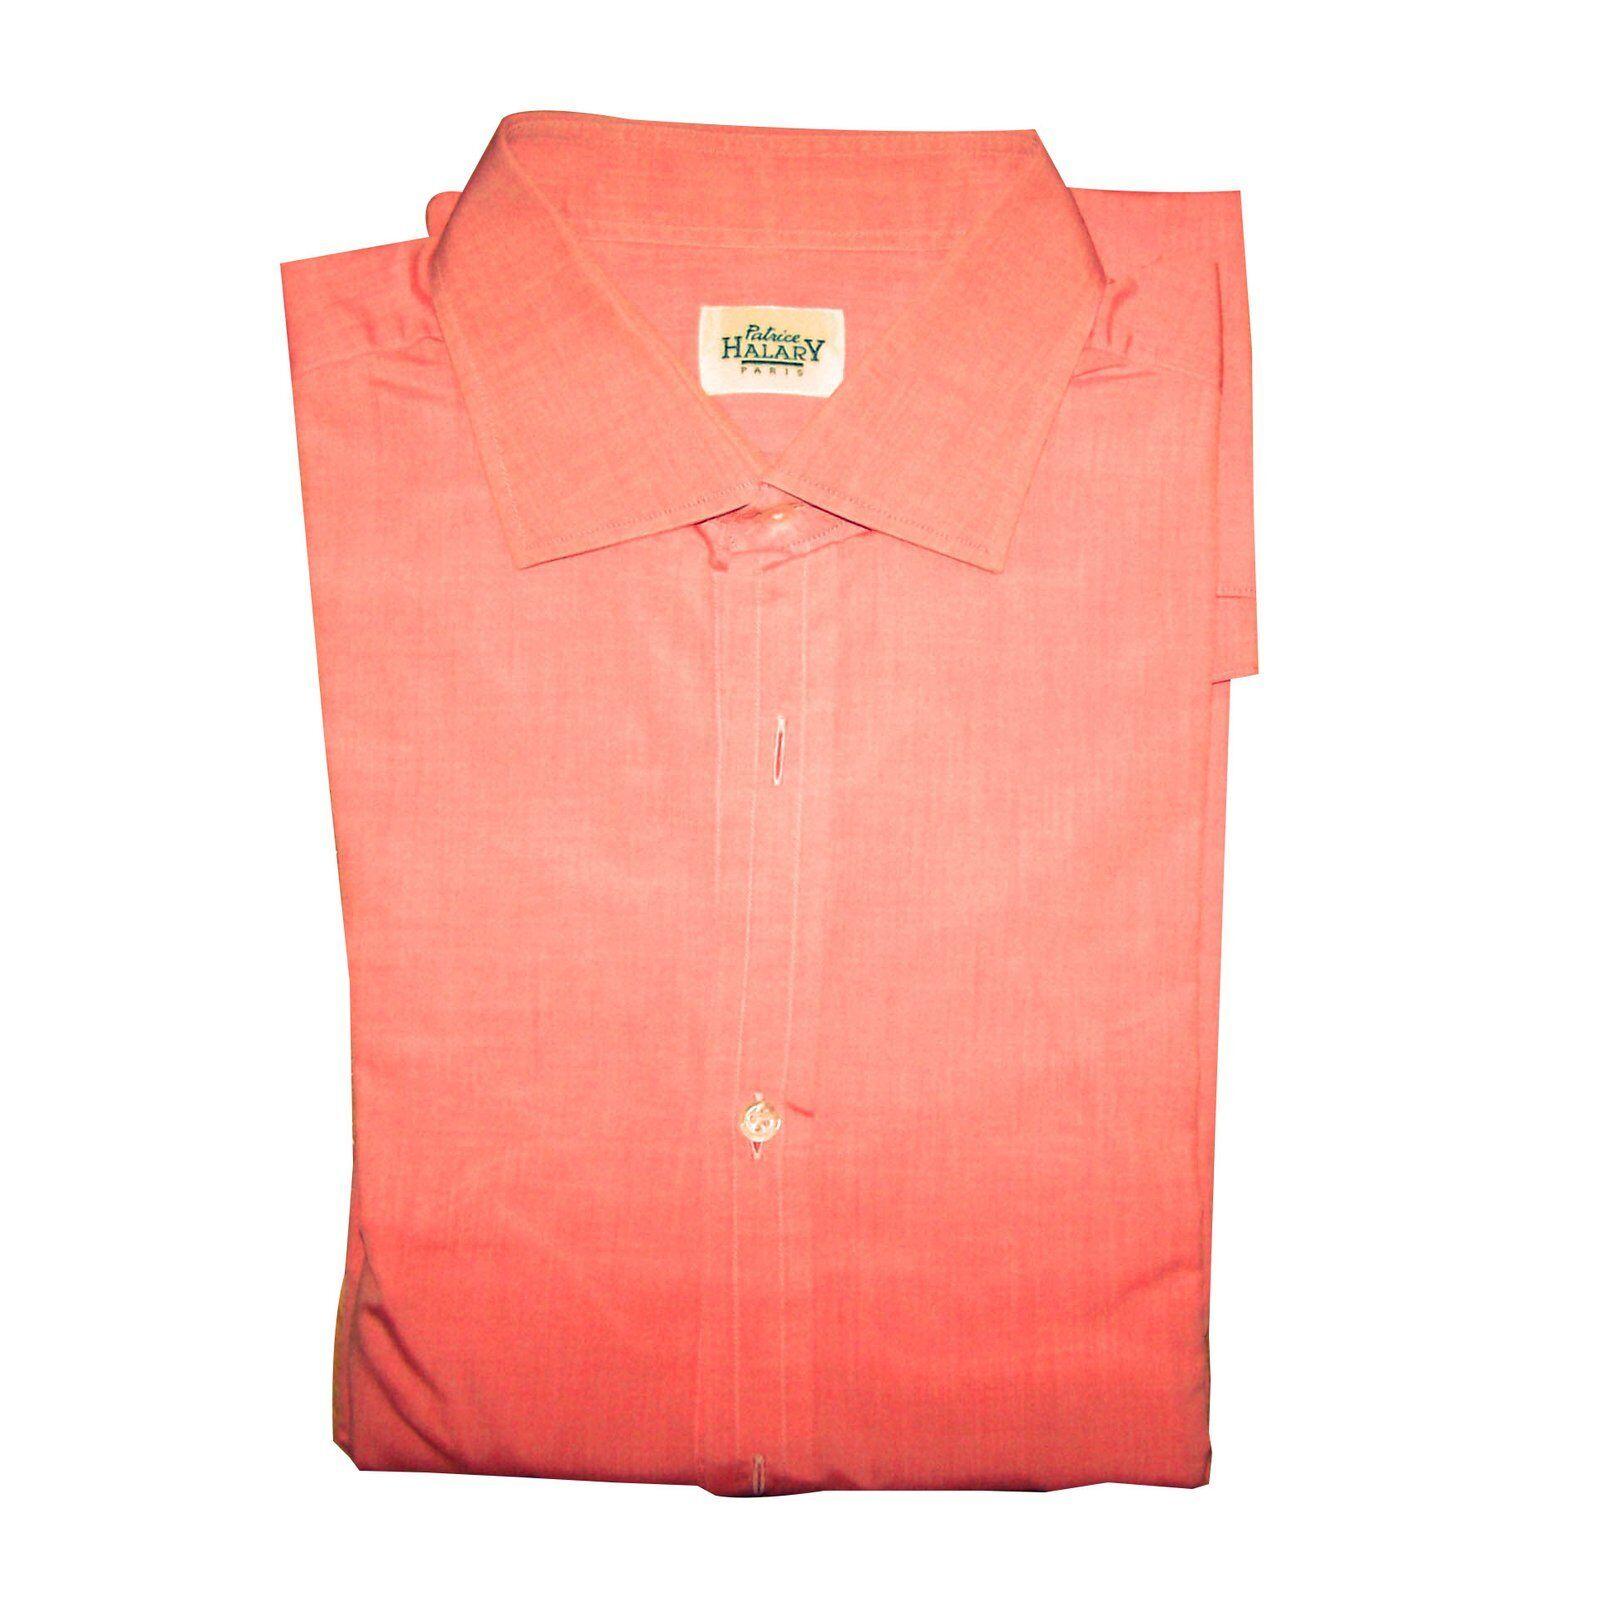 Chemises habillée ou casual HALARY - Größe XXL - Corail